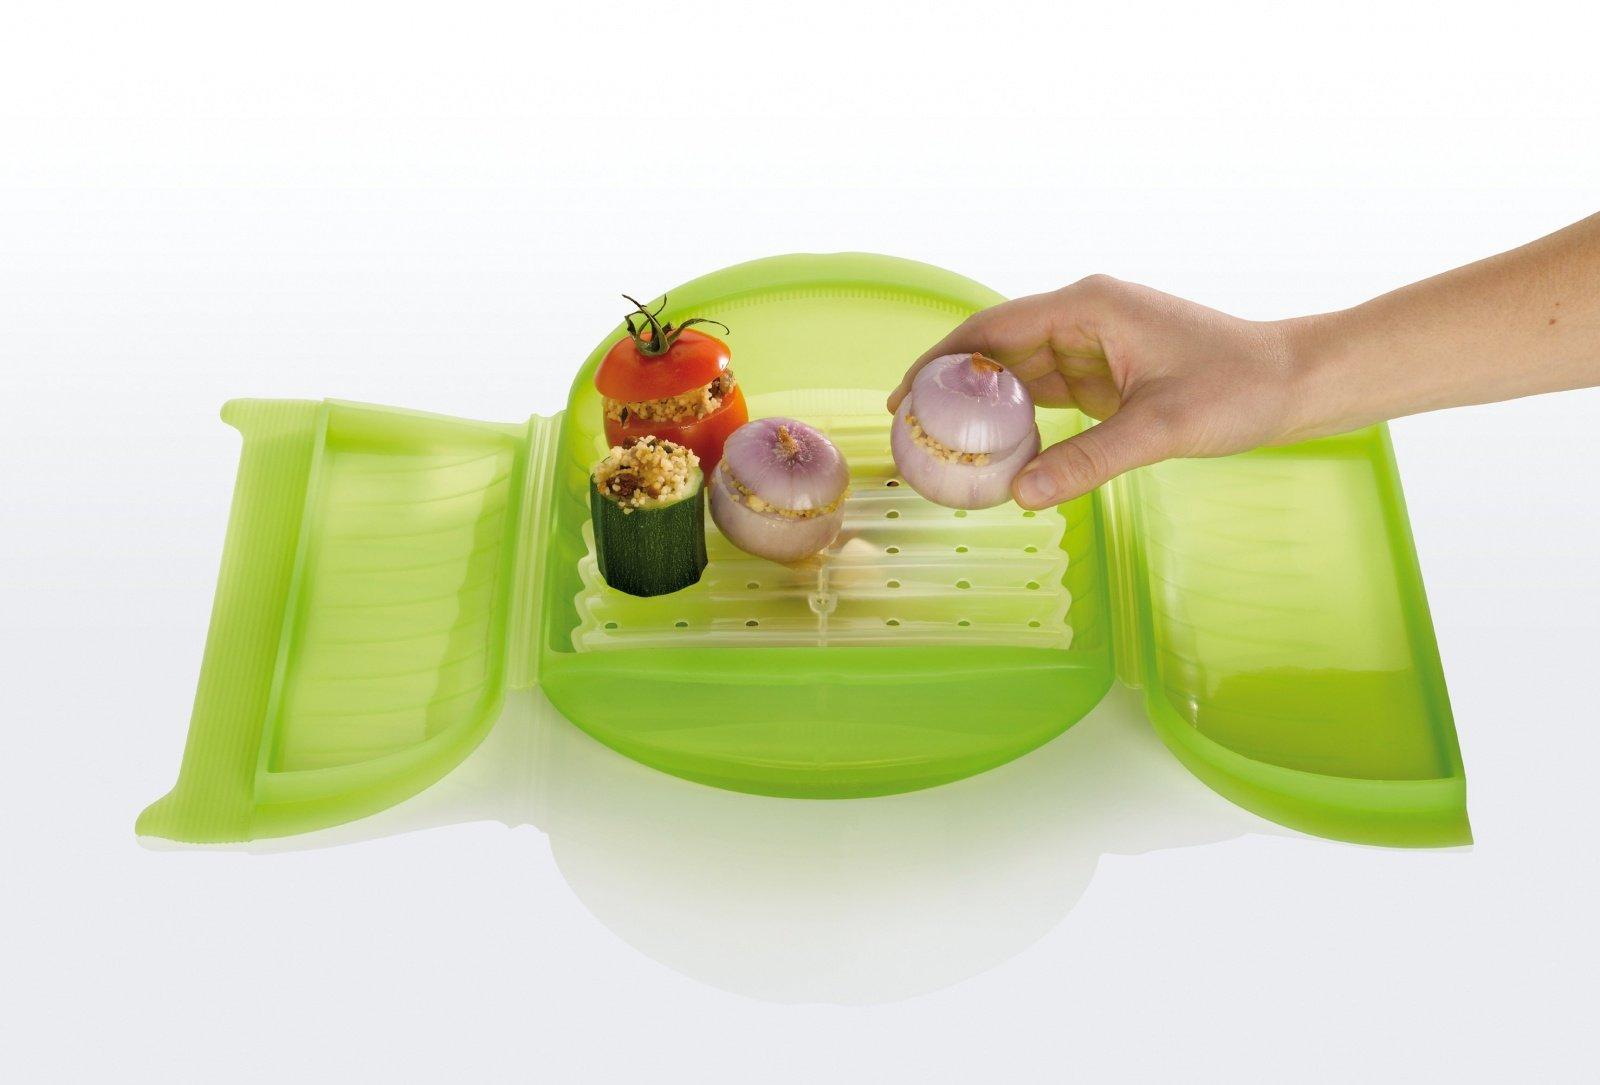 Конверт для запекания Семейный Lekue с поддоном, 3-4 порции, салатовый